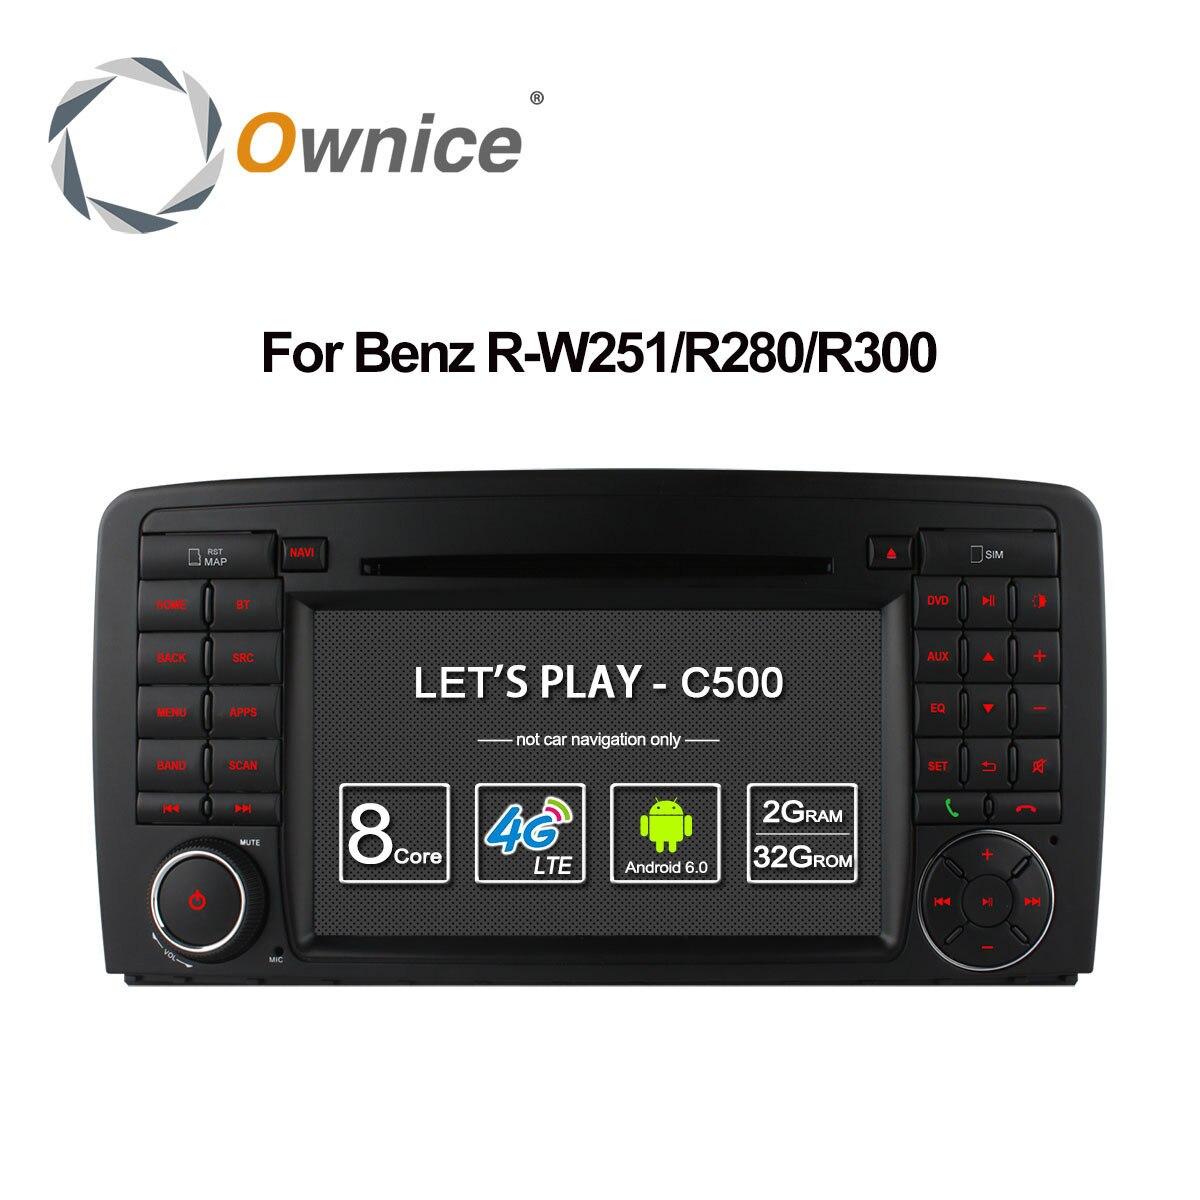 Ownice SIM 4G LTE 8 Core Android 6.0 Lecteur DVD de voiture pour Mercedes Classe R W251 R280 R300 R320 R350 R500 avec Radio GPS 32G ROM